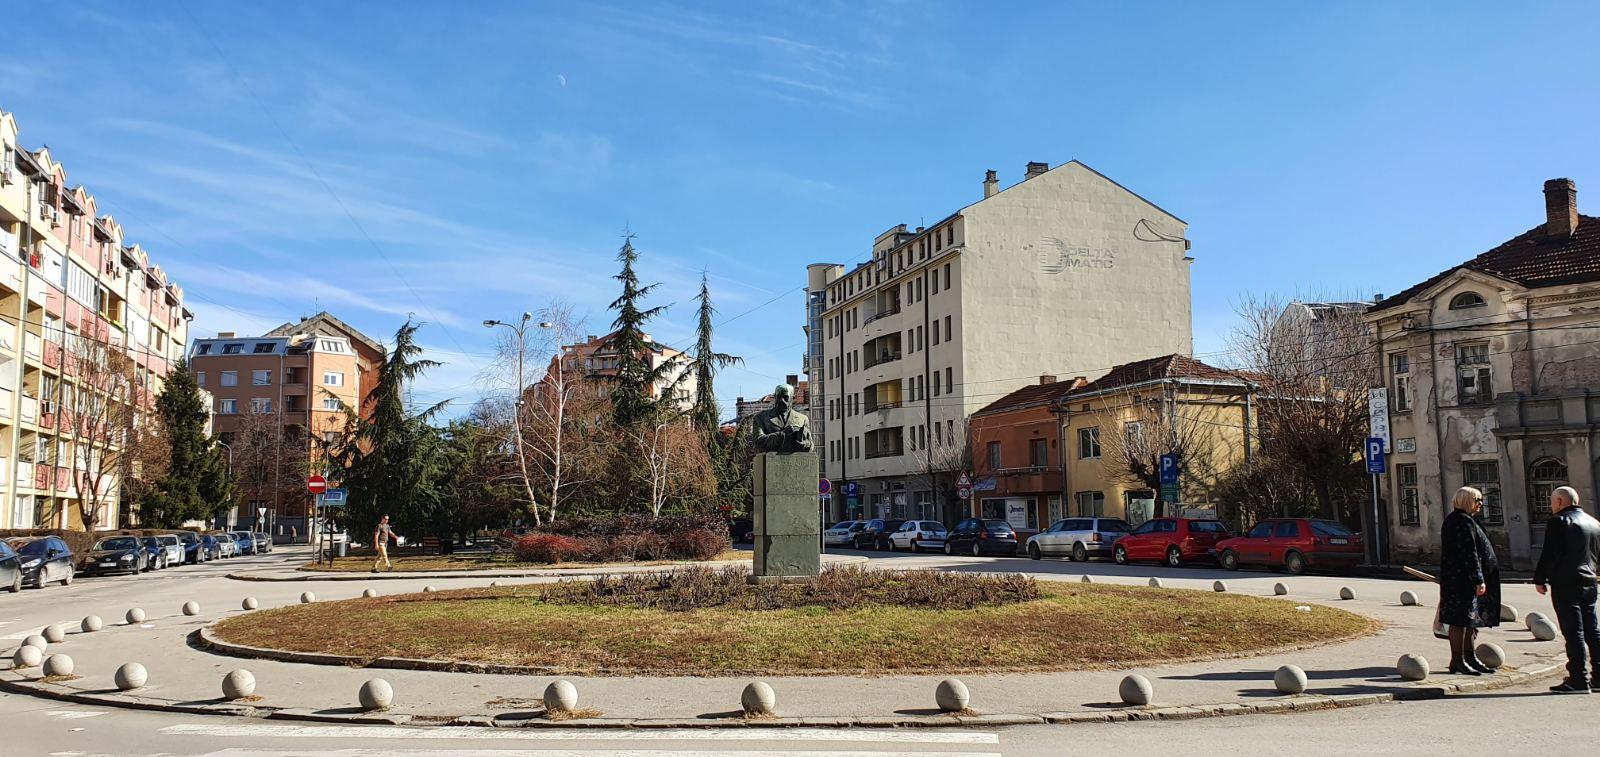 Трг учитеља Тасе, фото: К. Михајловић, Нишке новине